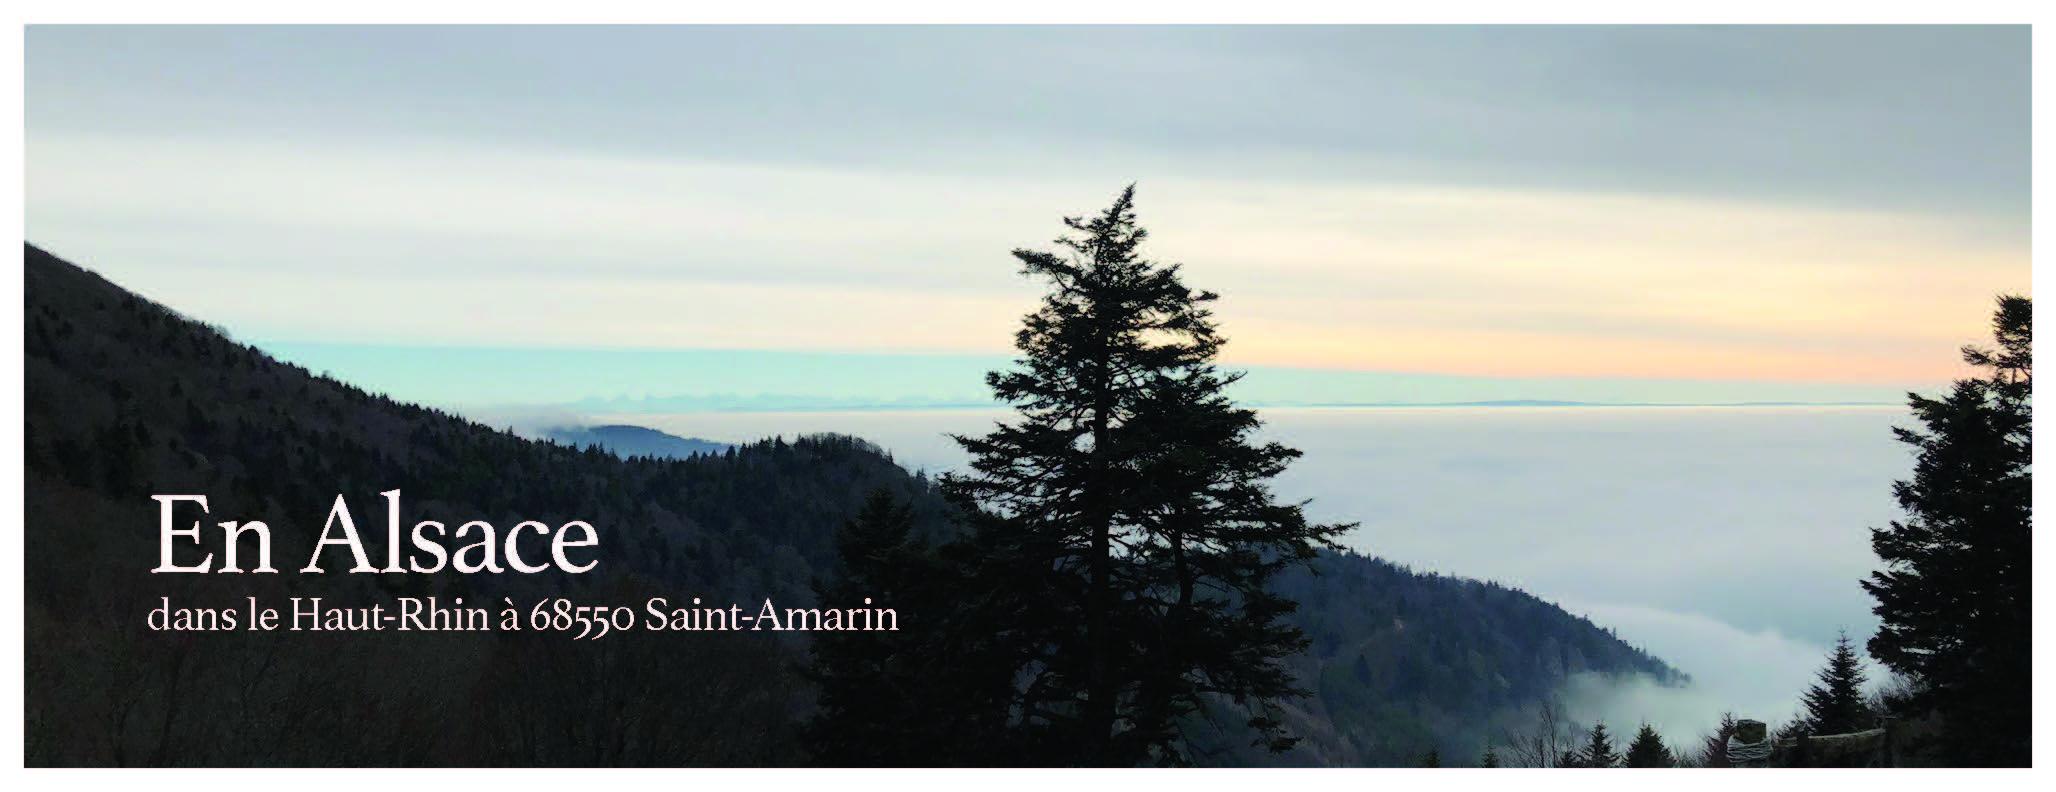 Relais de chasse _Fels_Saint-Amarin 2_Page_01